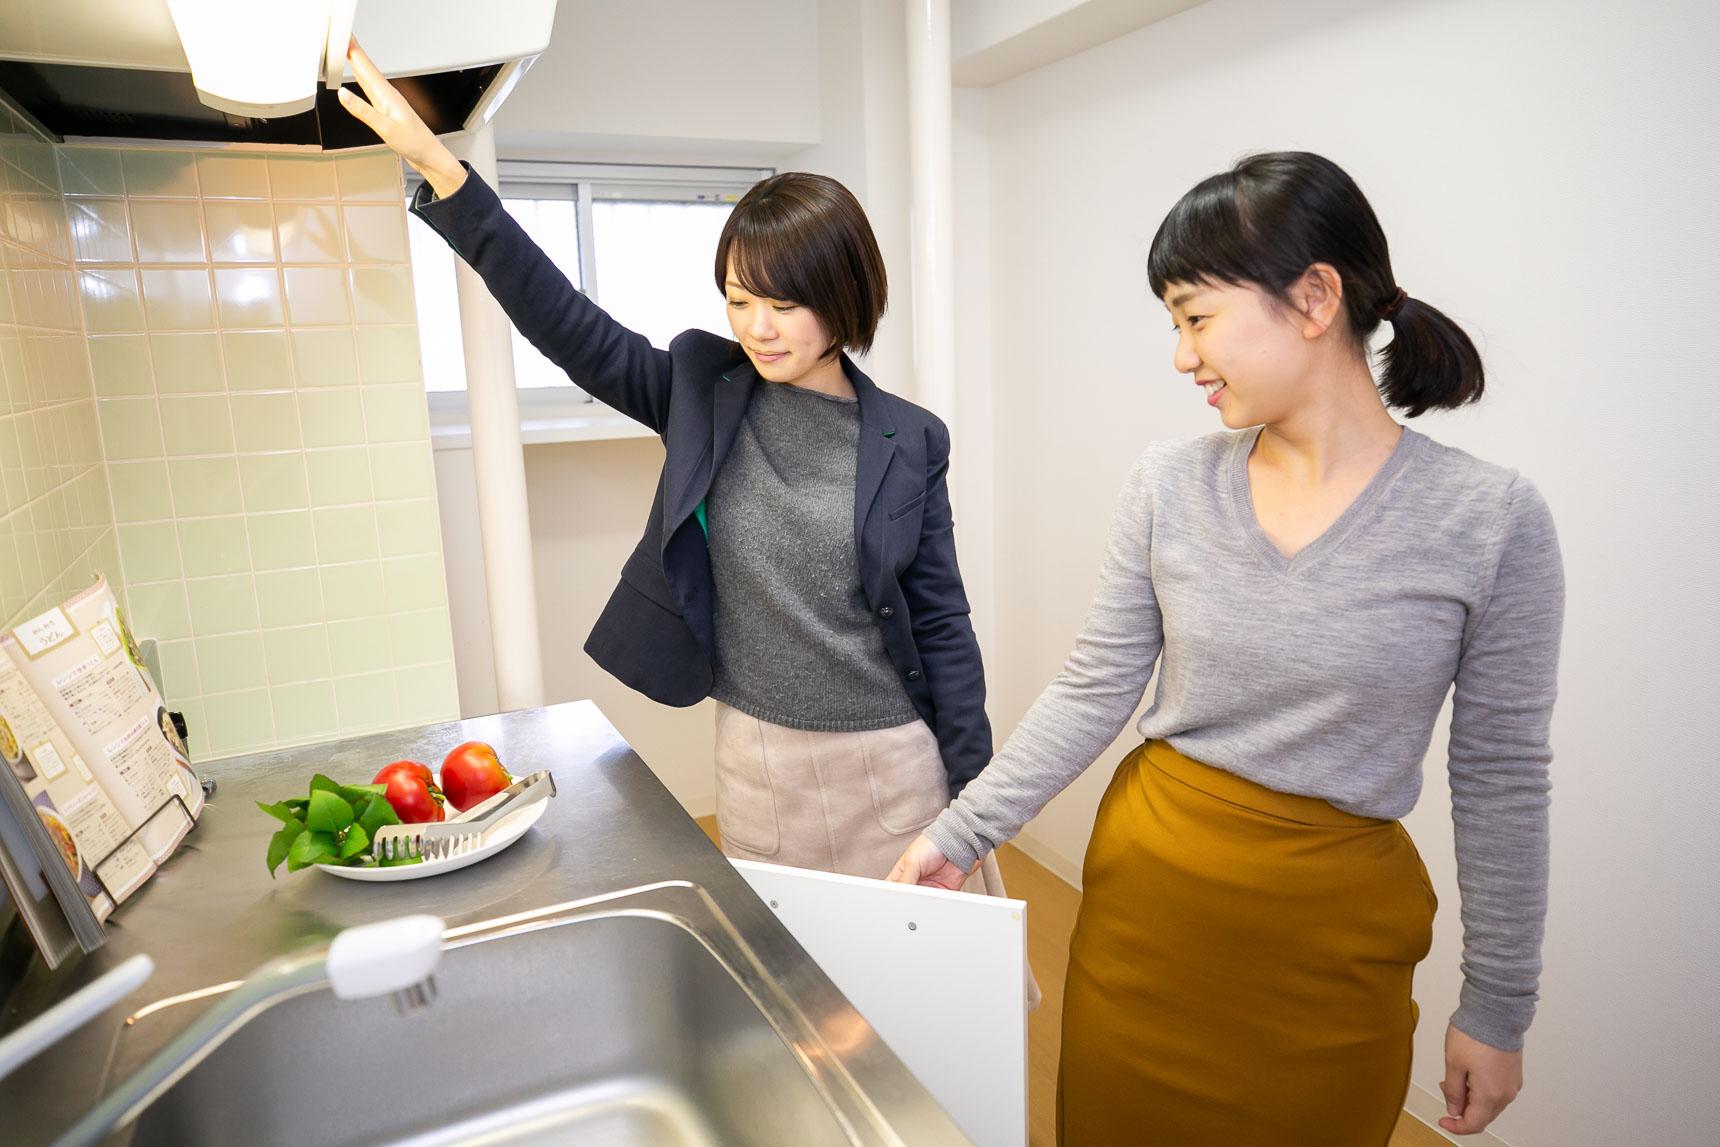 収納をチェックするお二人。個人的にも、女性にとって特に気になるキッチン、洗面所周りの設備が十分使いやすく工夫されているのが良いなと思いました。